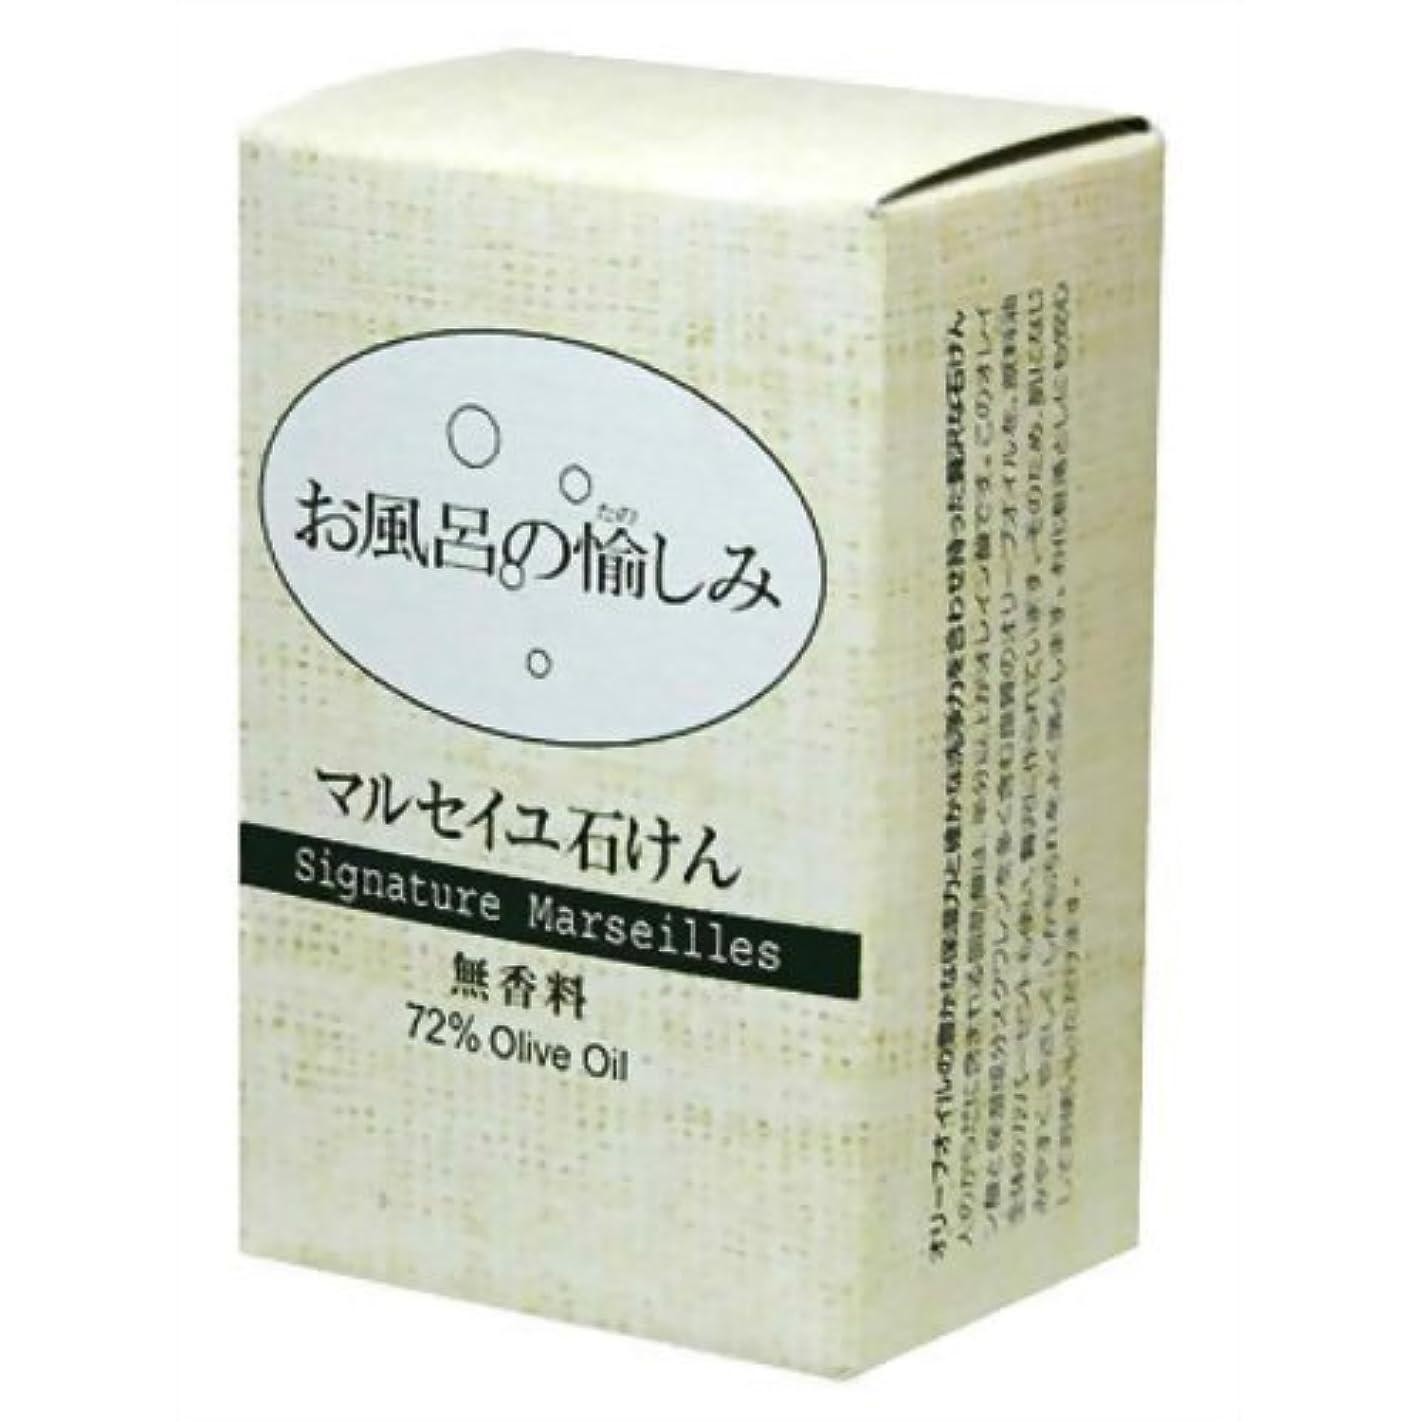 記憶に残る固執みすぼらしいお風呂の愉しみ マルセイユ石鹸 (無香料)